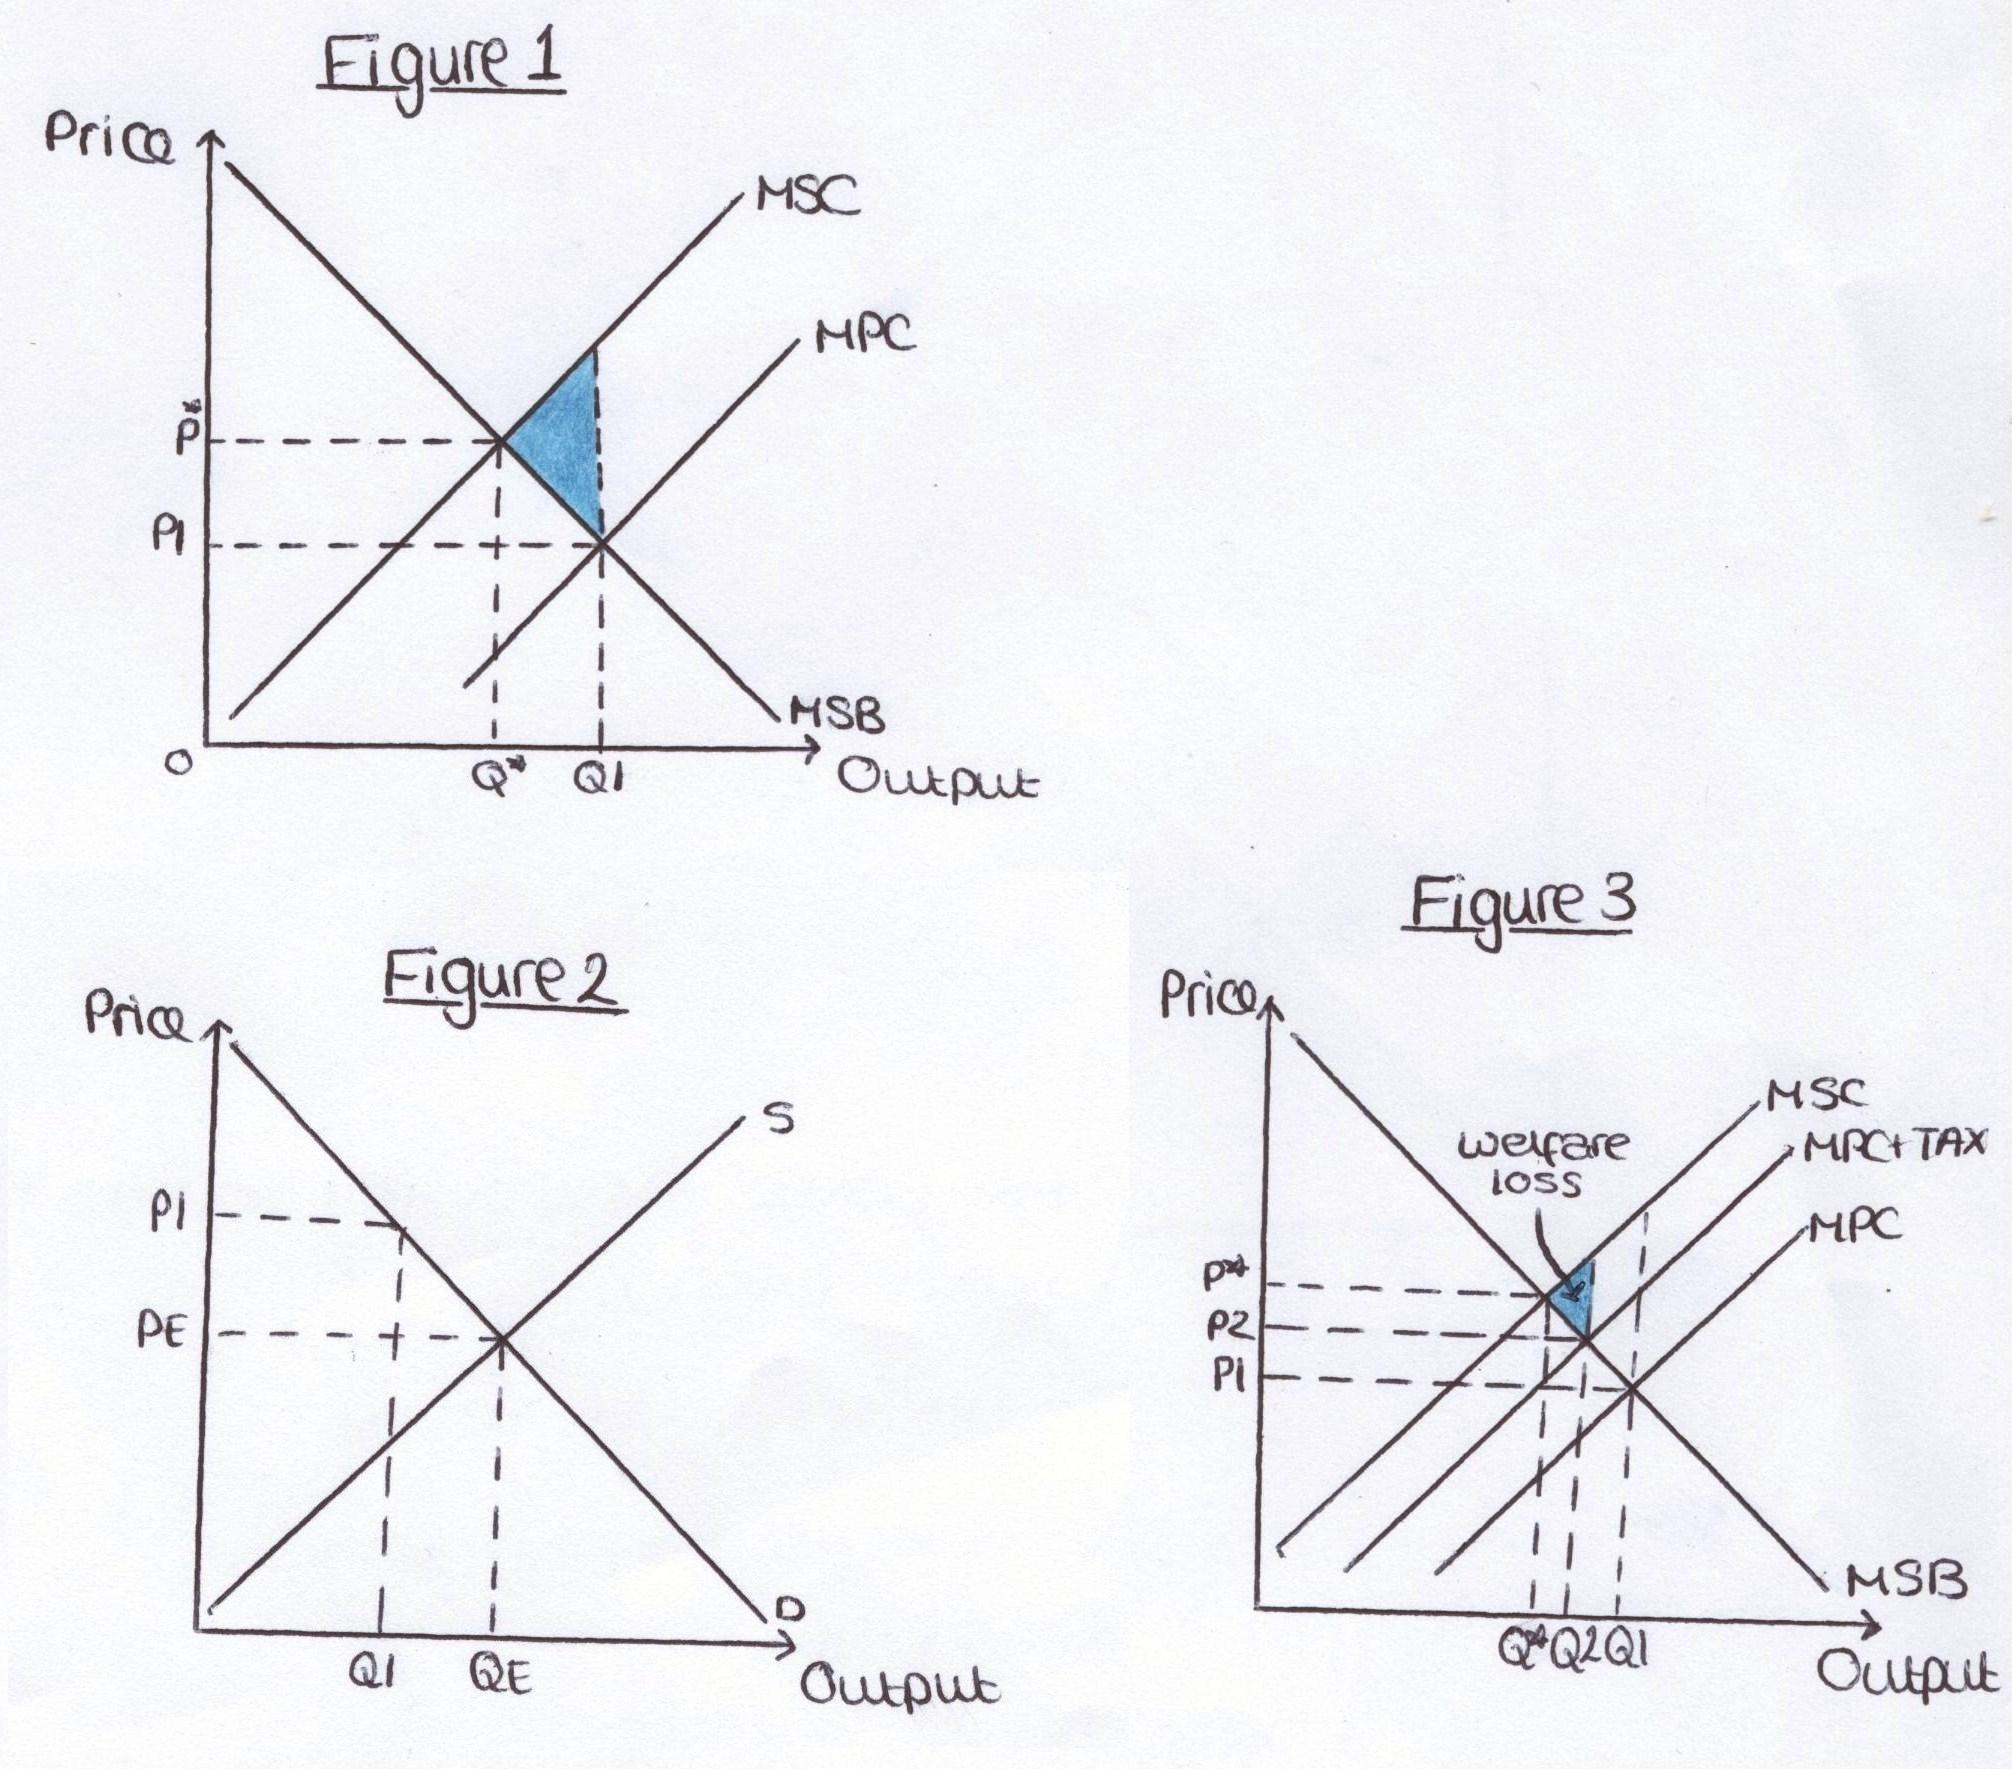 Ichaplineconomics